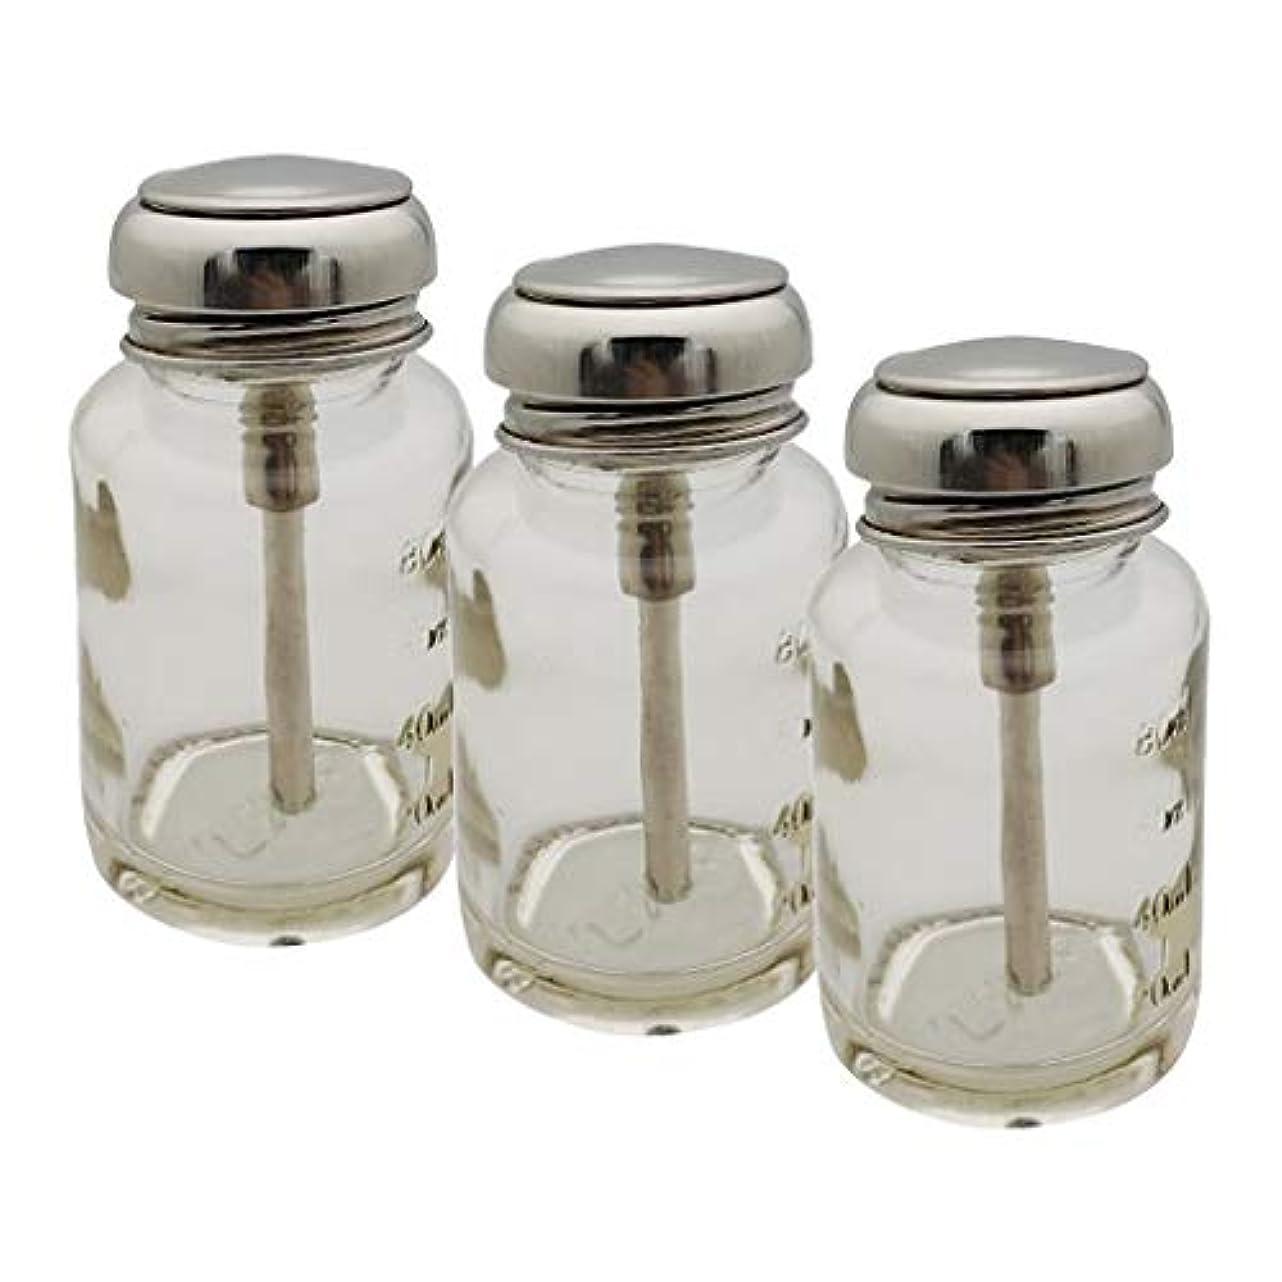 印象派壁テントToygogo 3個 ポンプボトル 容器 ポンプディスペンサー ネイル ディスペンサー プレスボトル